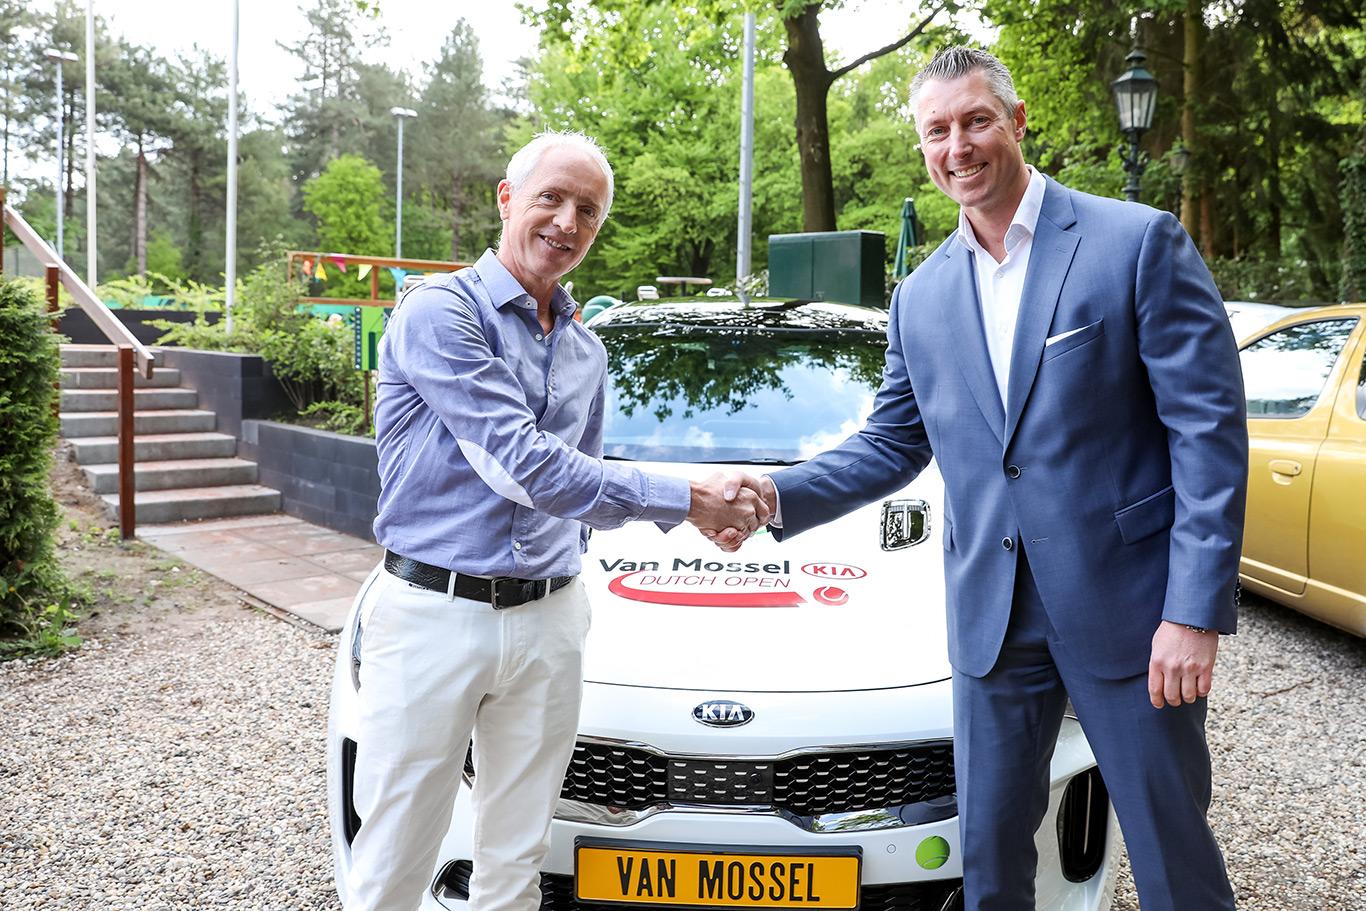 Toernooidirecteur en hoofdsponsor van Van Mossel Kia Dutch Open